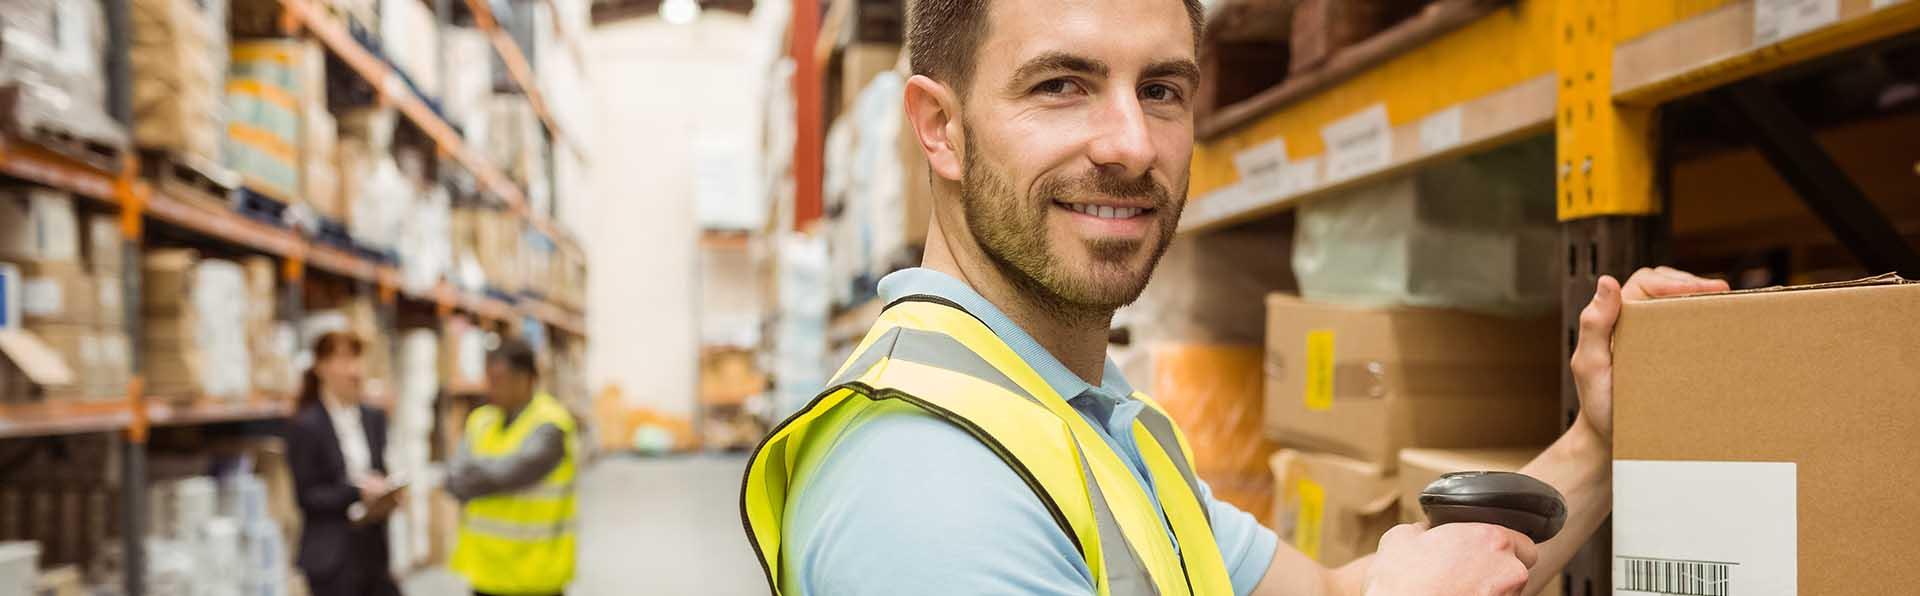 Lagerarbeiter Scannerlösung SAP Business One